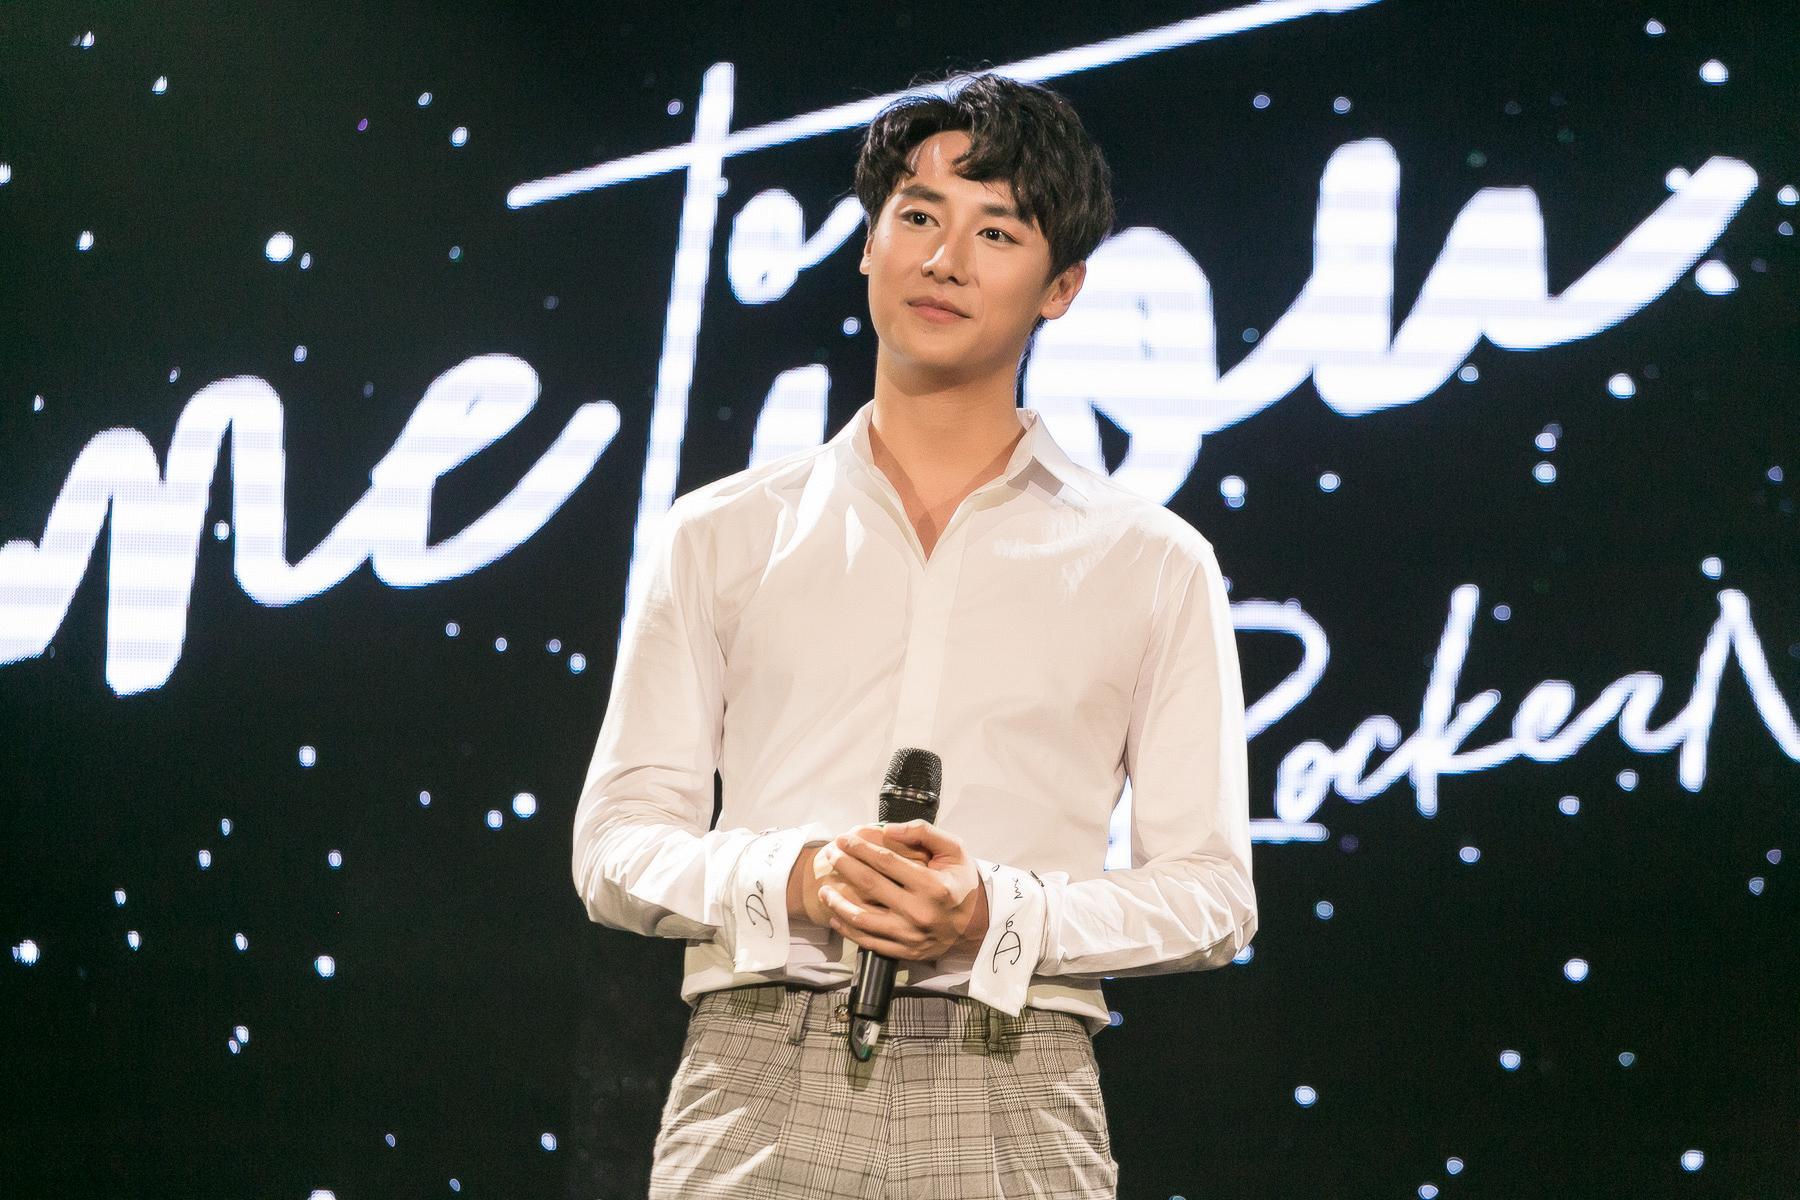 Rocker Nguyễn bảnh bao và thanh lịch với chiếc áo sơ mi trắng tại sự kiện.